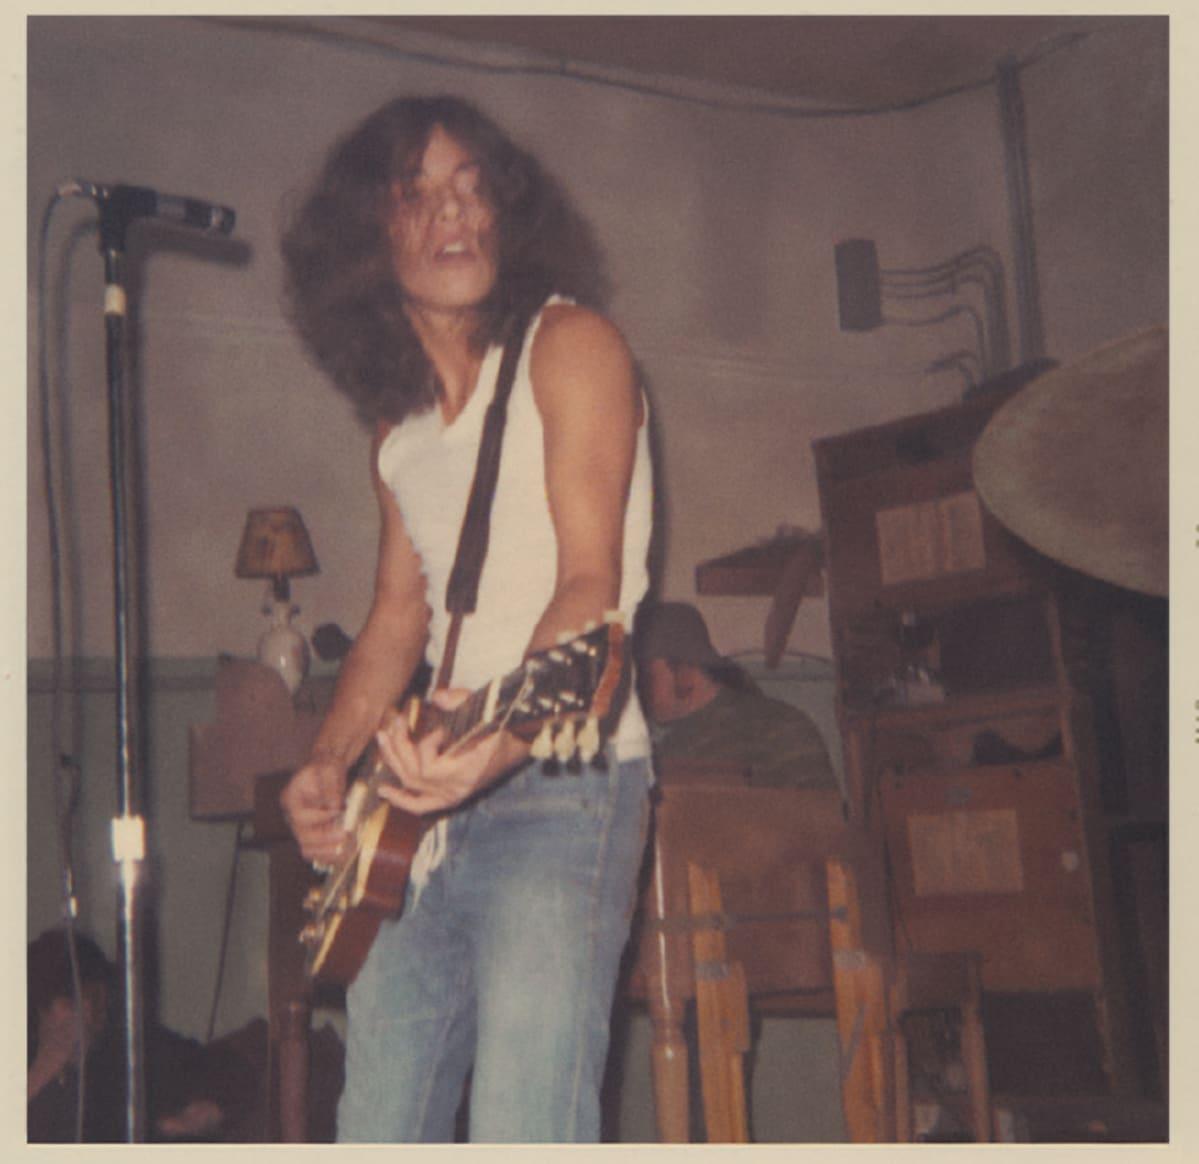 Bruce Springsteen nuorena muusikkona.